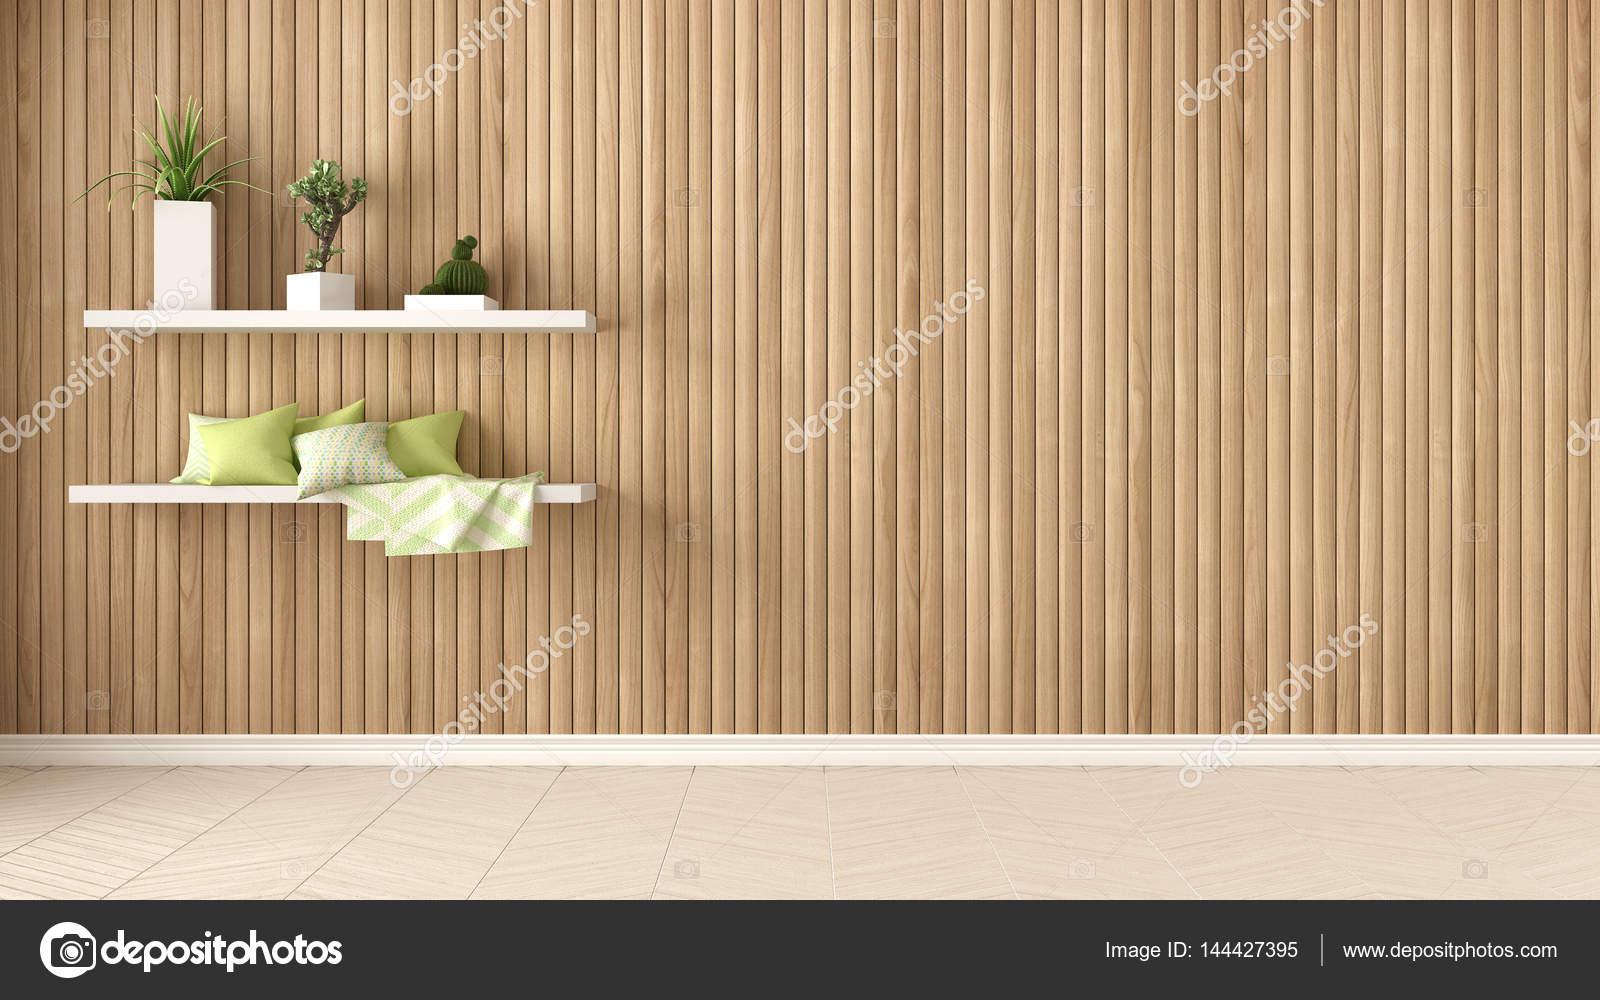 Svuotare la camera ripiani con cuscini e succulente piante in